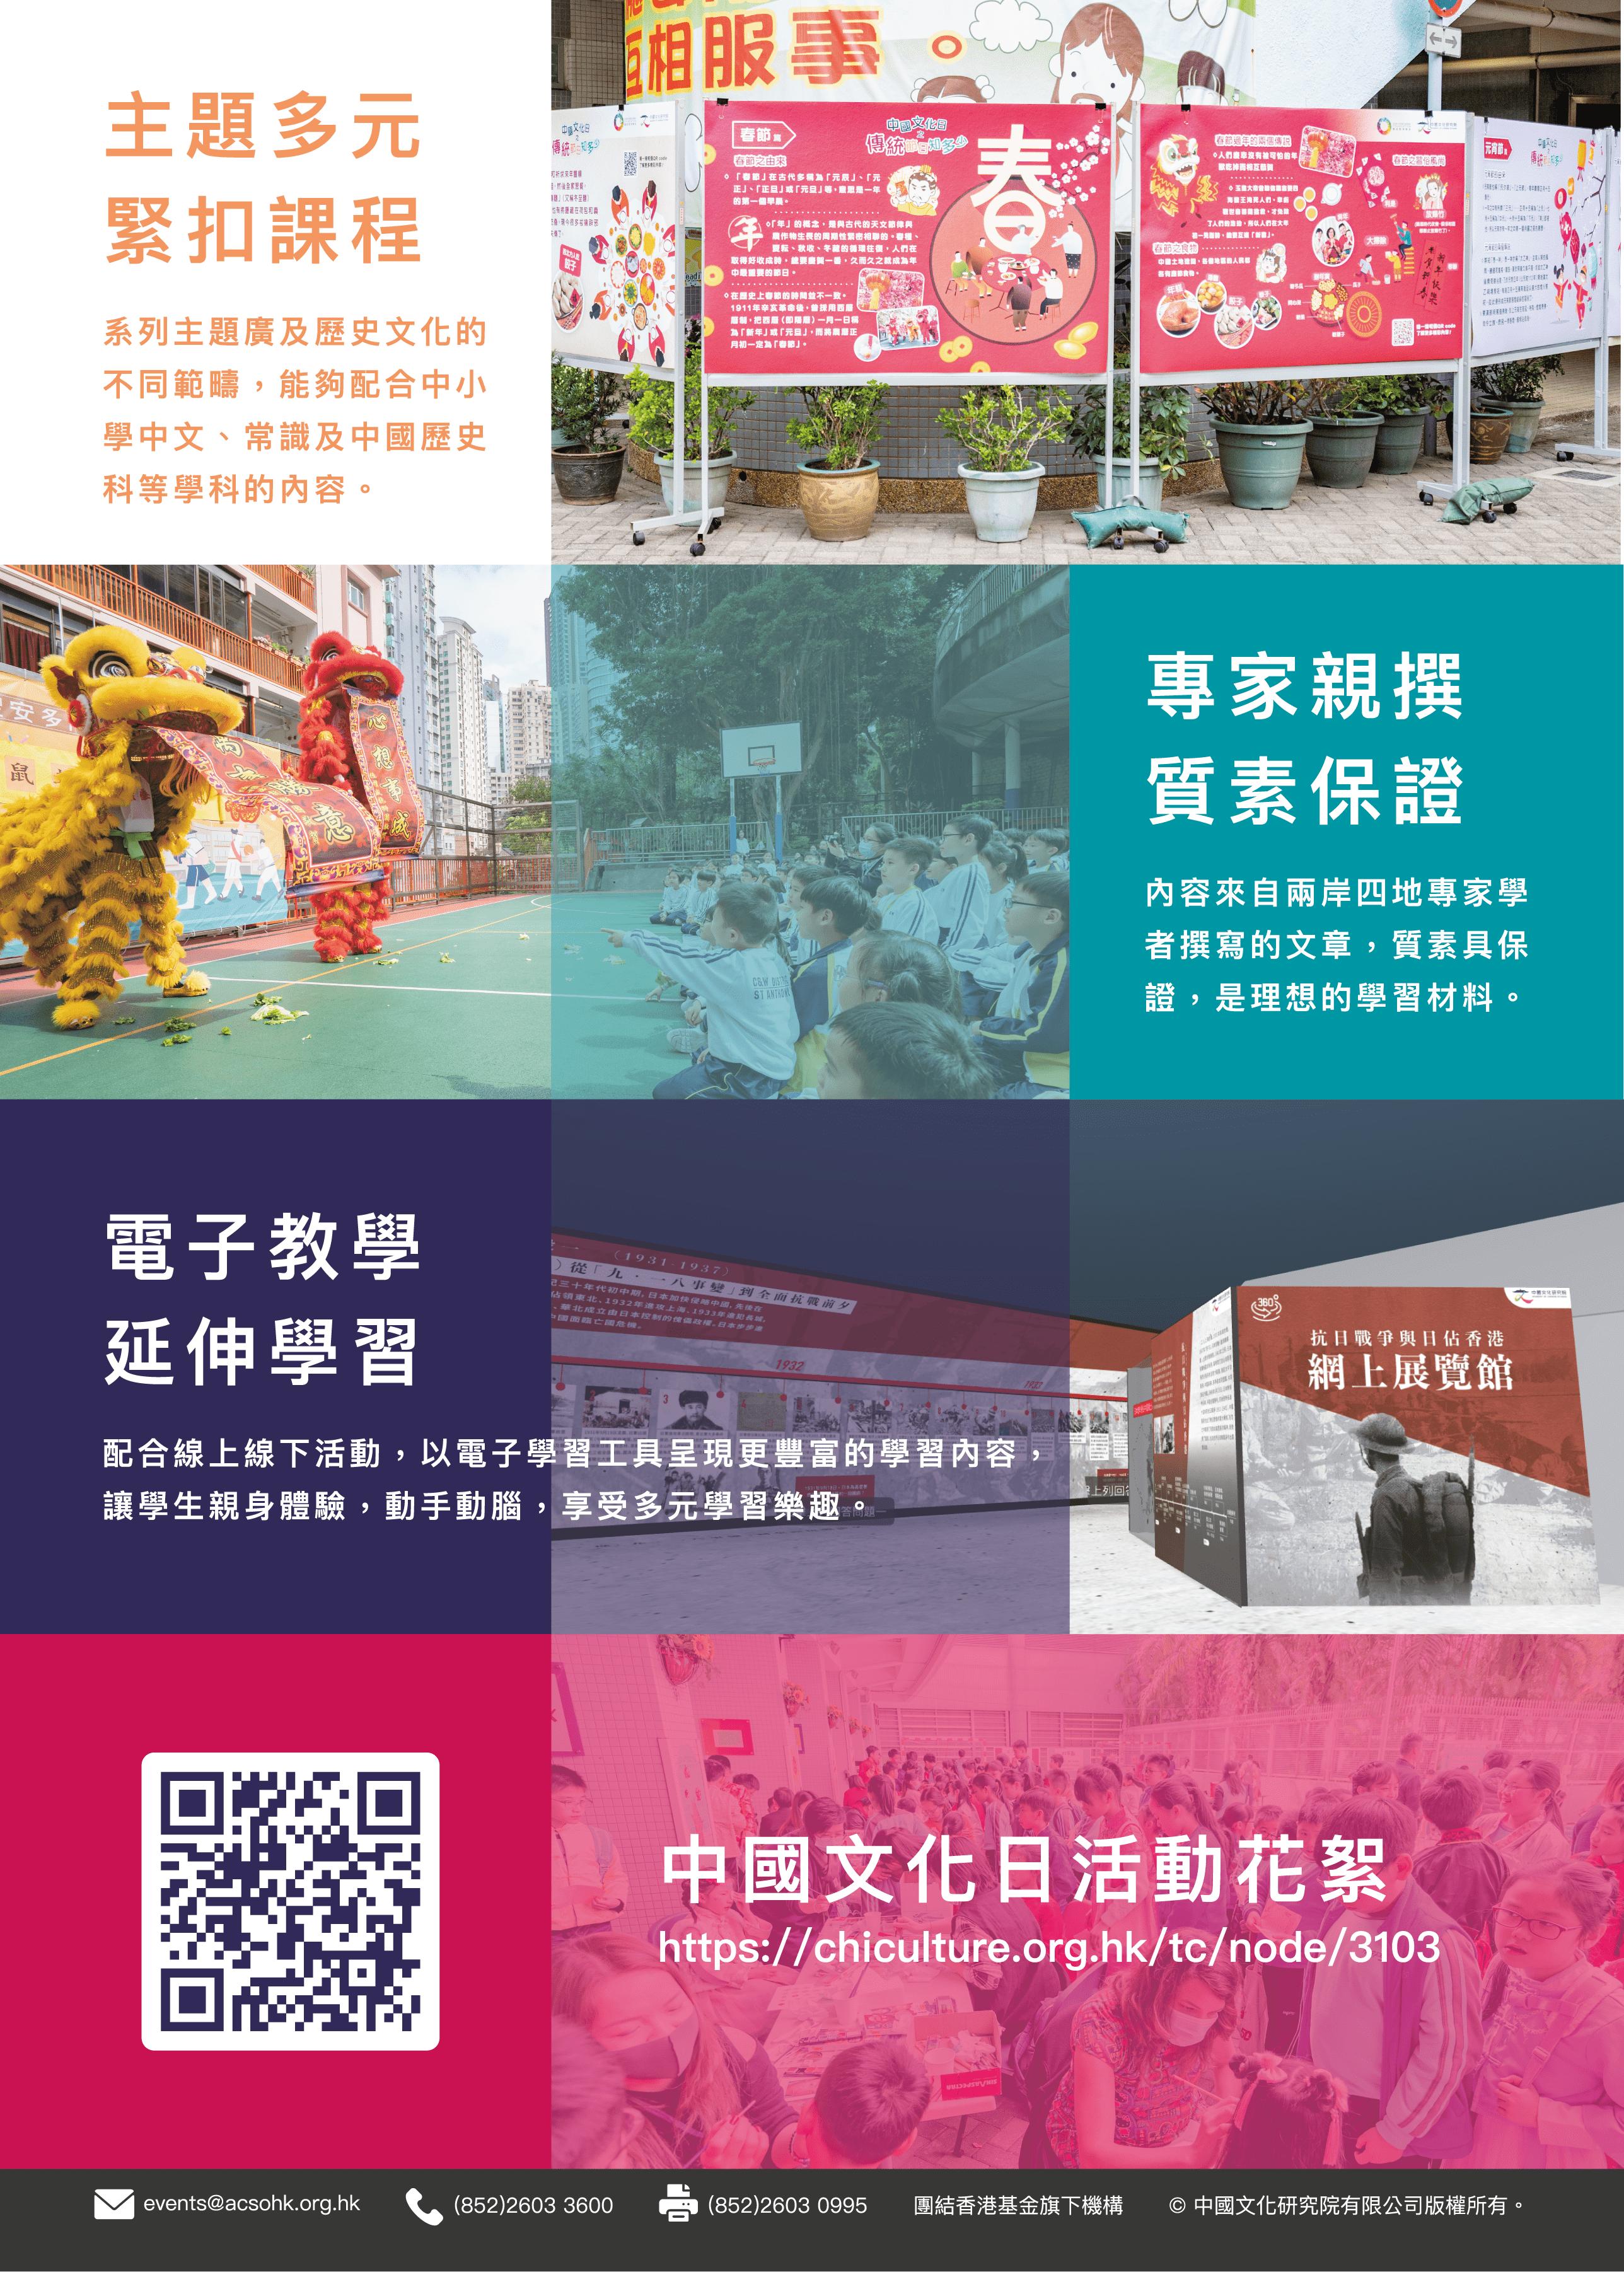 acs_flyer_zhongguolishiwenhuatuiguangjihua_20210618_v4-02-min